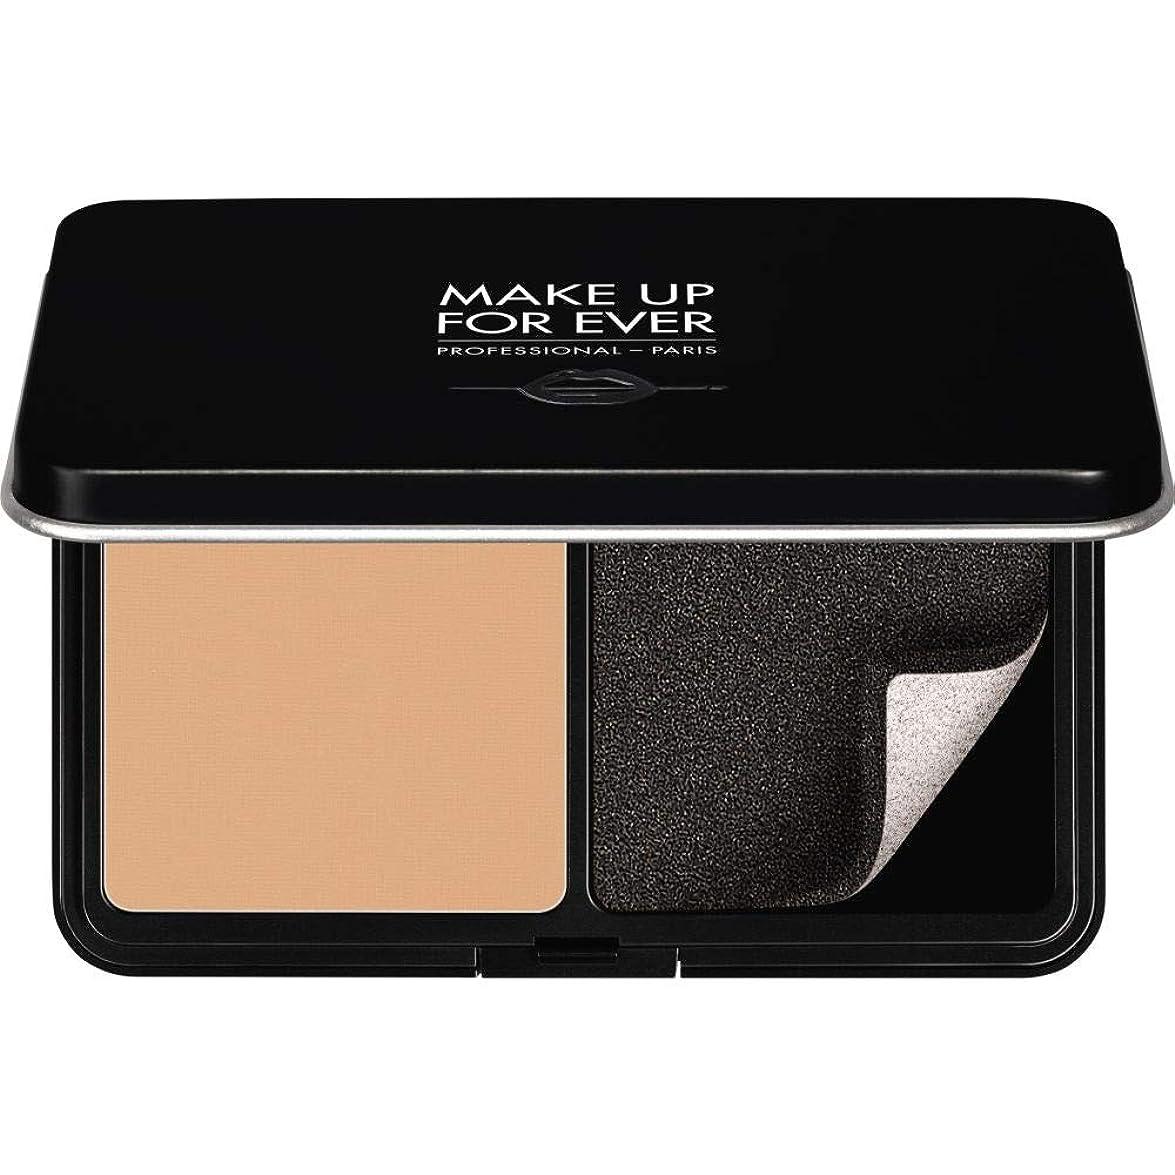 回復する報酬マニア[MAKE UP FOR EVER] パウダーファンデーション11GののR260をぼかし、これまでマットベルベットの肌を補う - ピンクベージュ - MAKE UP FOR EVER Matte Velvet Skin Blurring Powder Foundation 11g R260 - Pink Beige [並行輸入品]